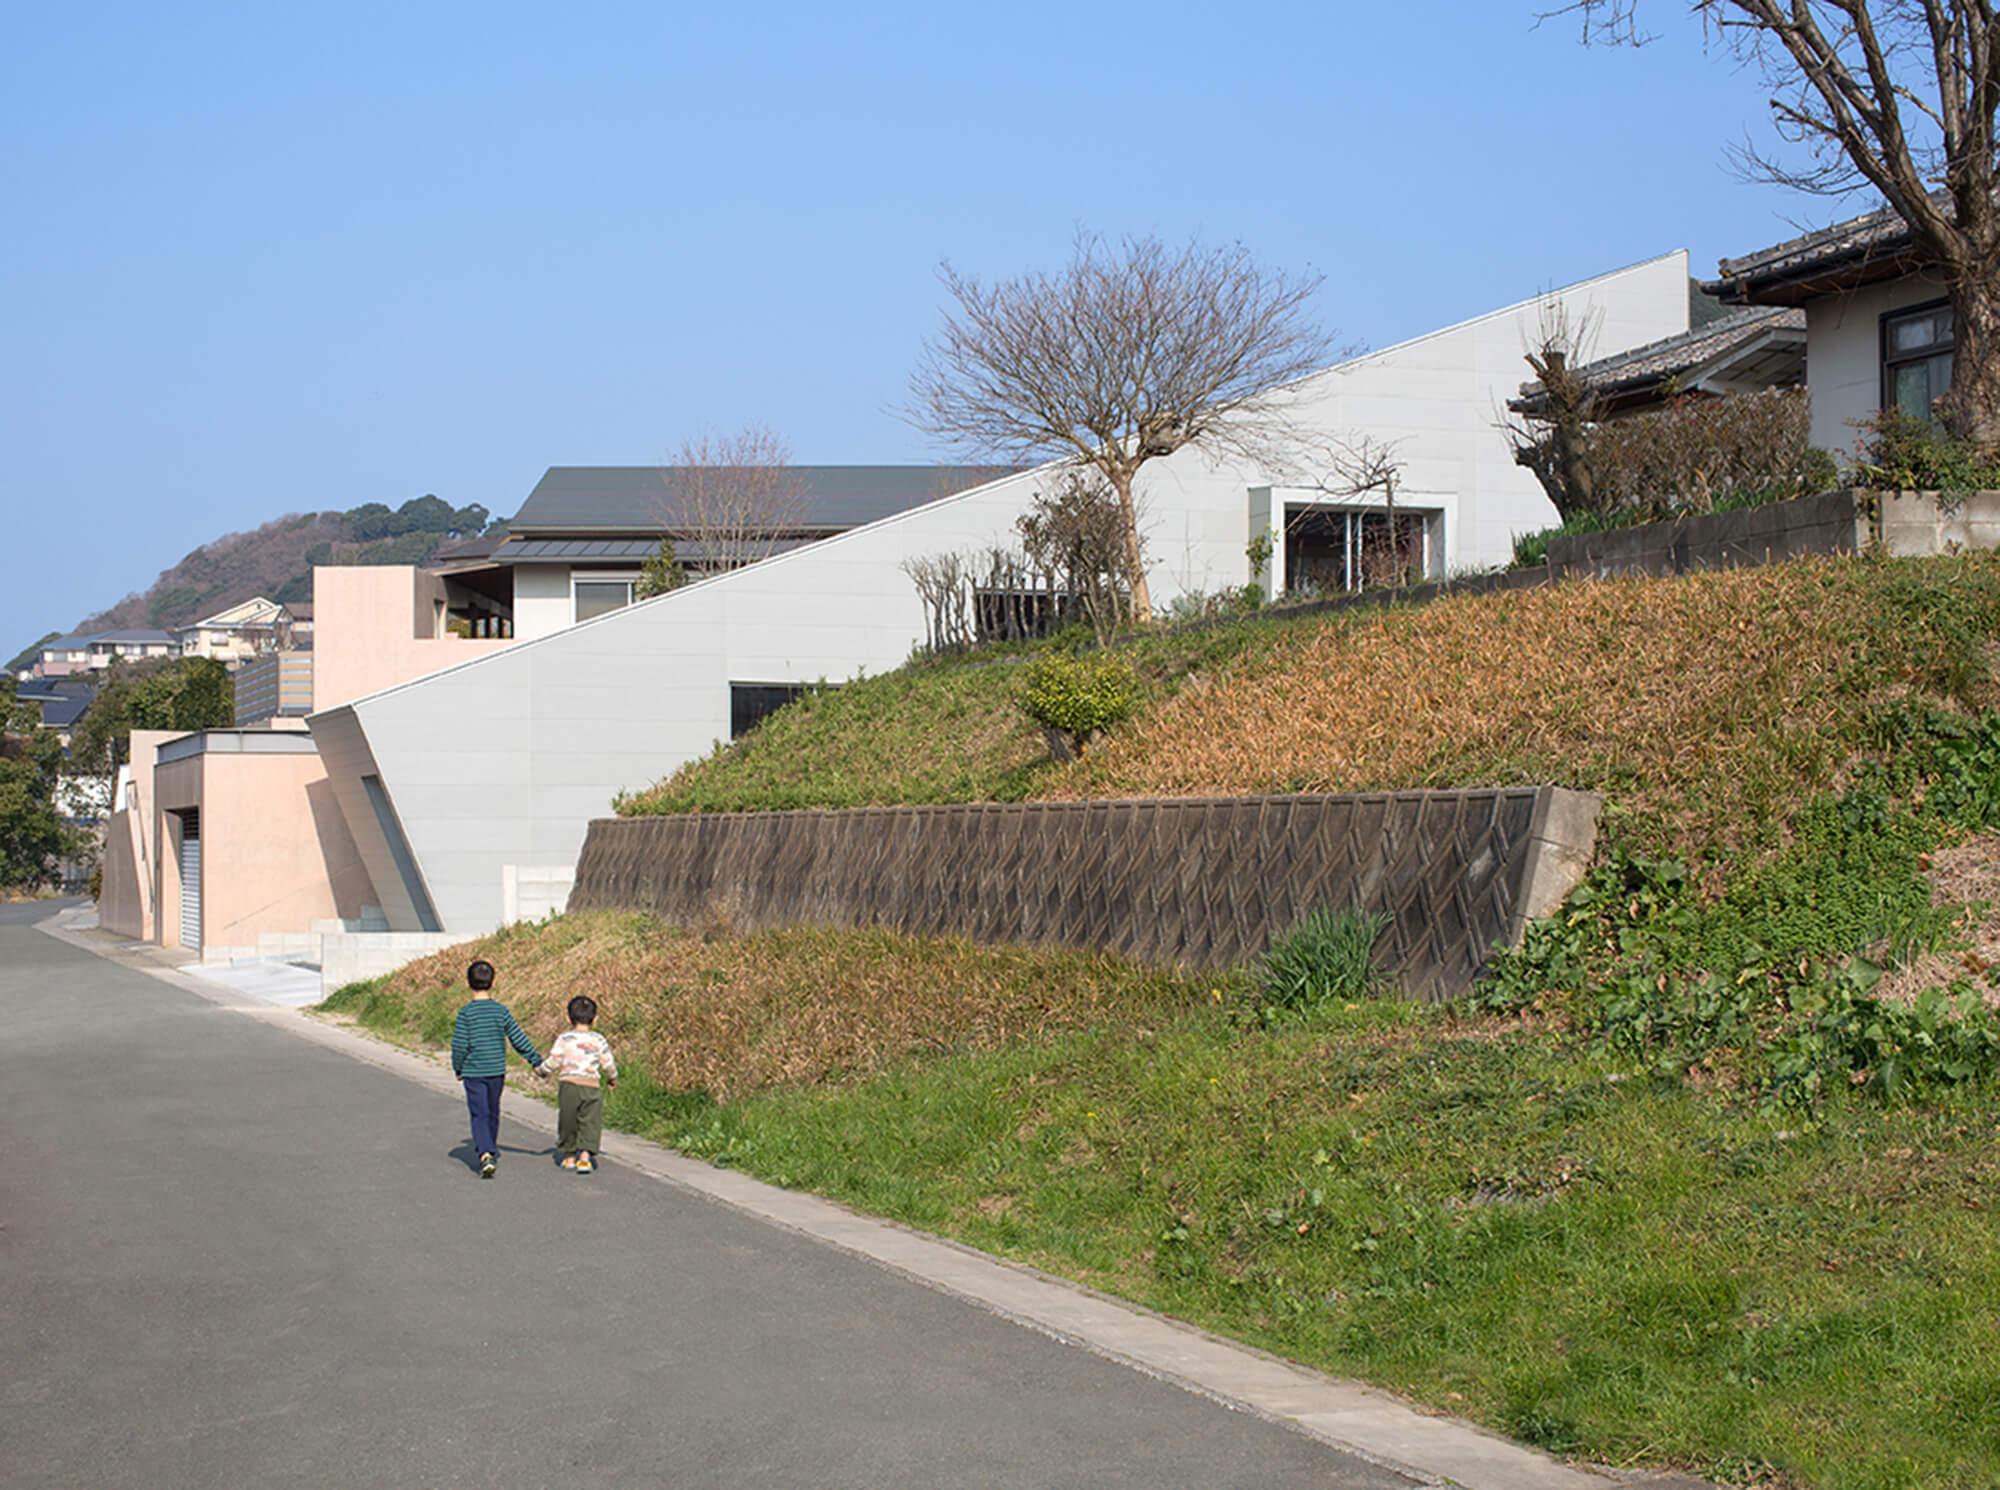 『5層のワンルーム住居』-福岡県宗像市-建築写真・竣工写真・インテリア写真1